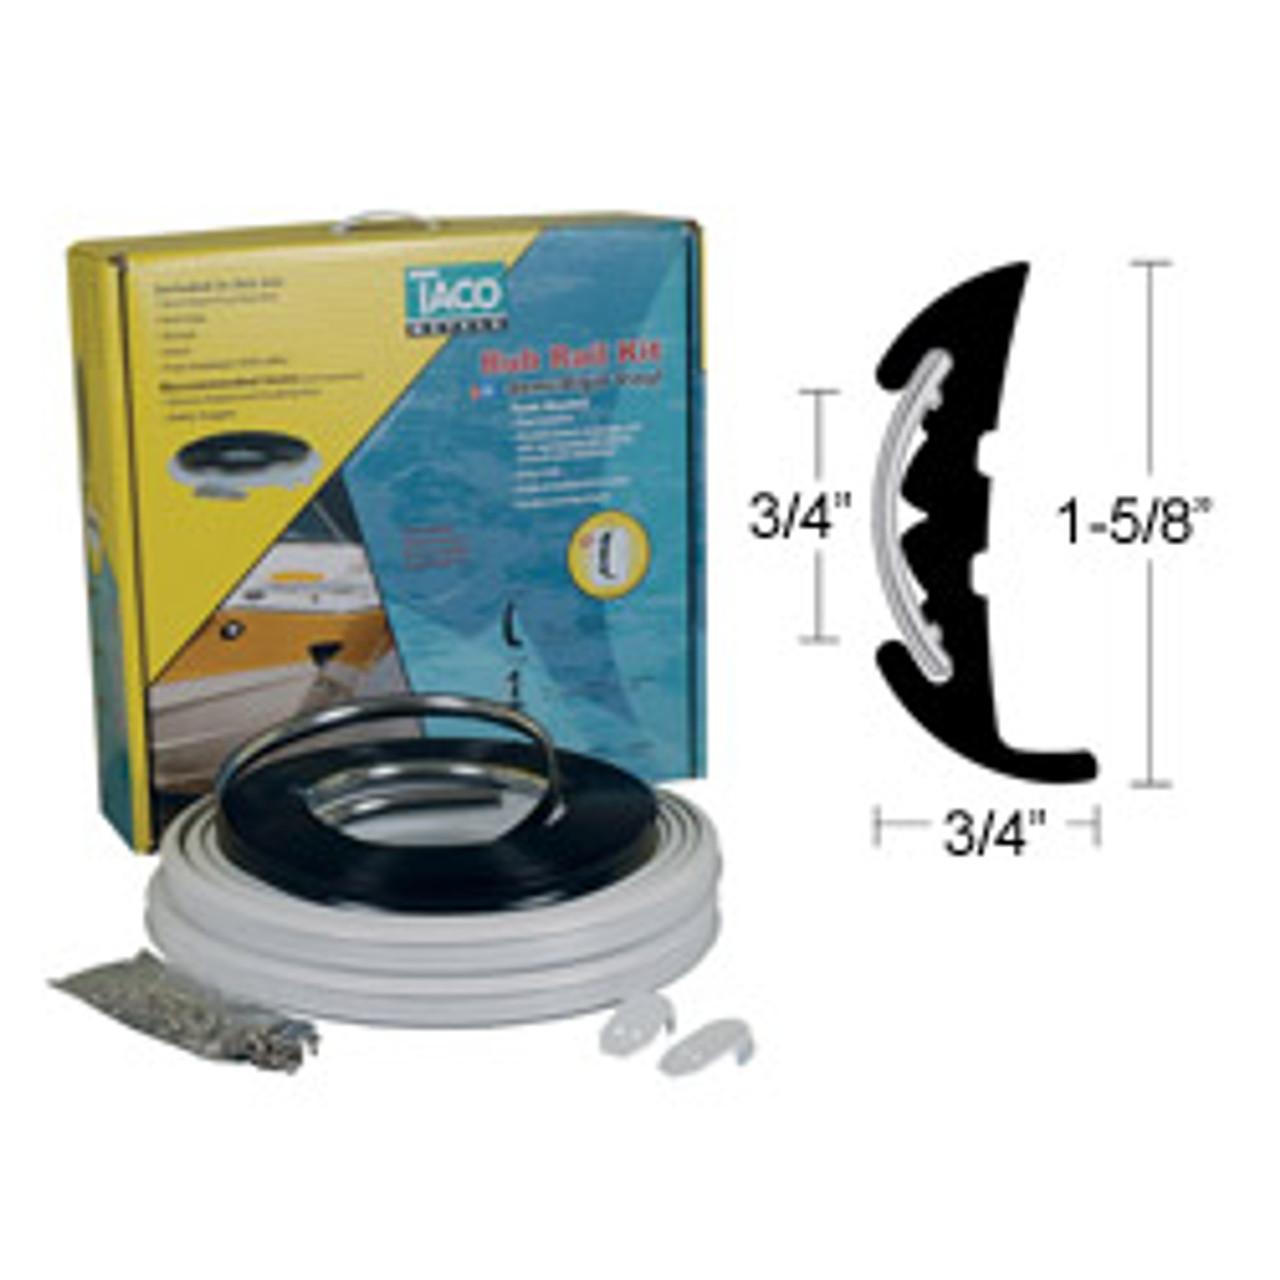 1-5/8'' x 3/4'' Semi-Rigid Vinyl Rub Rail Kit (white) with Flex Chrome  Insert